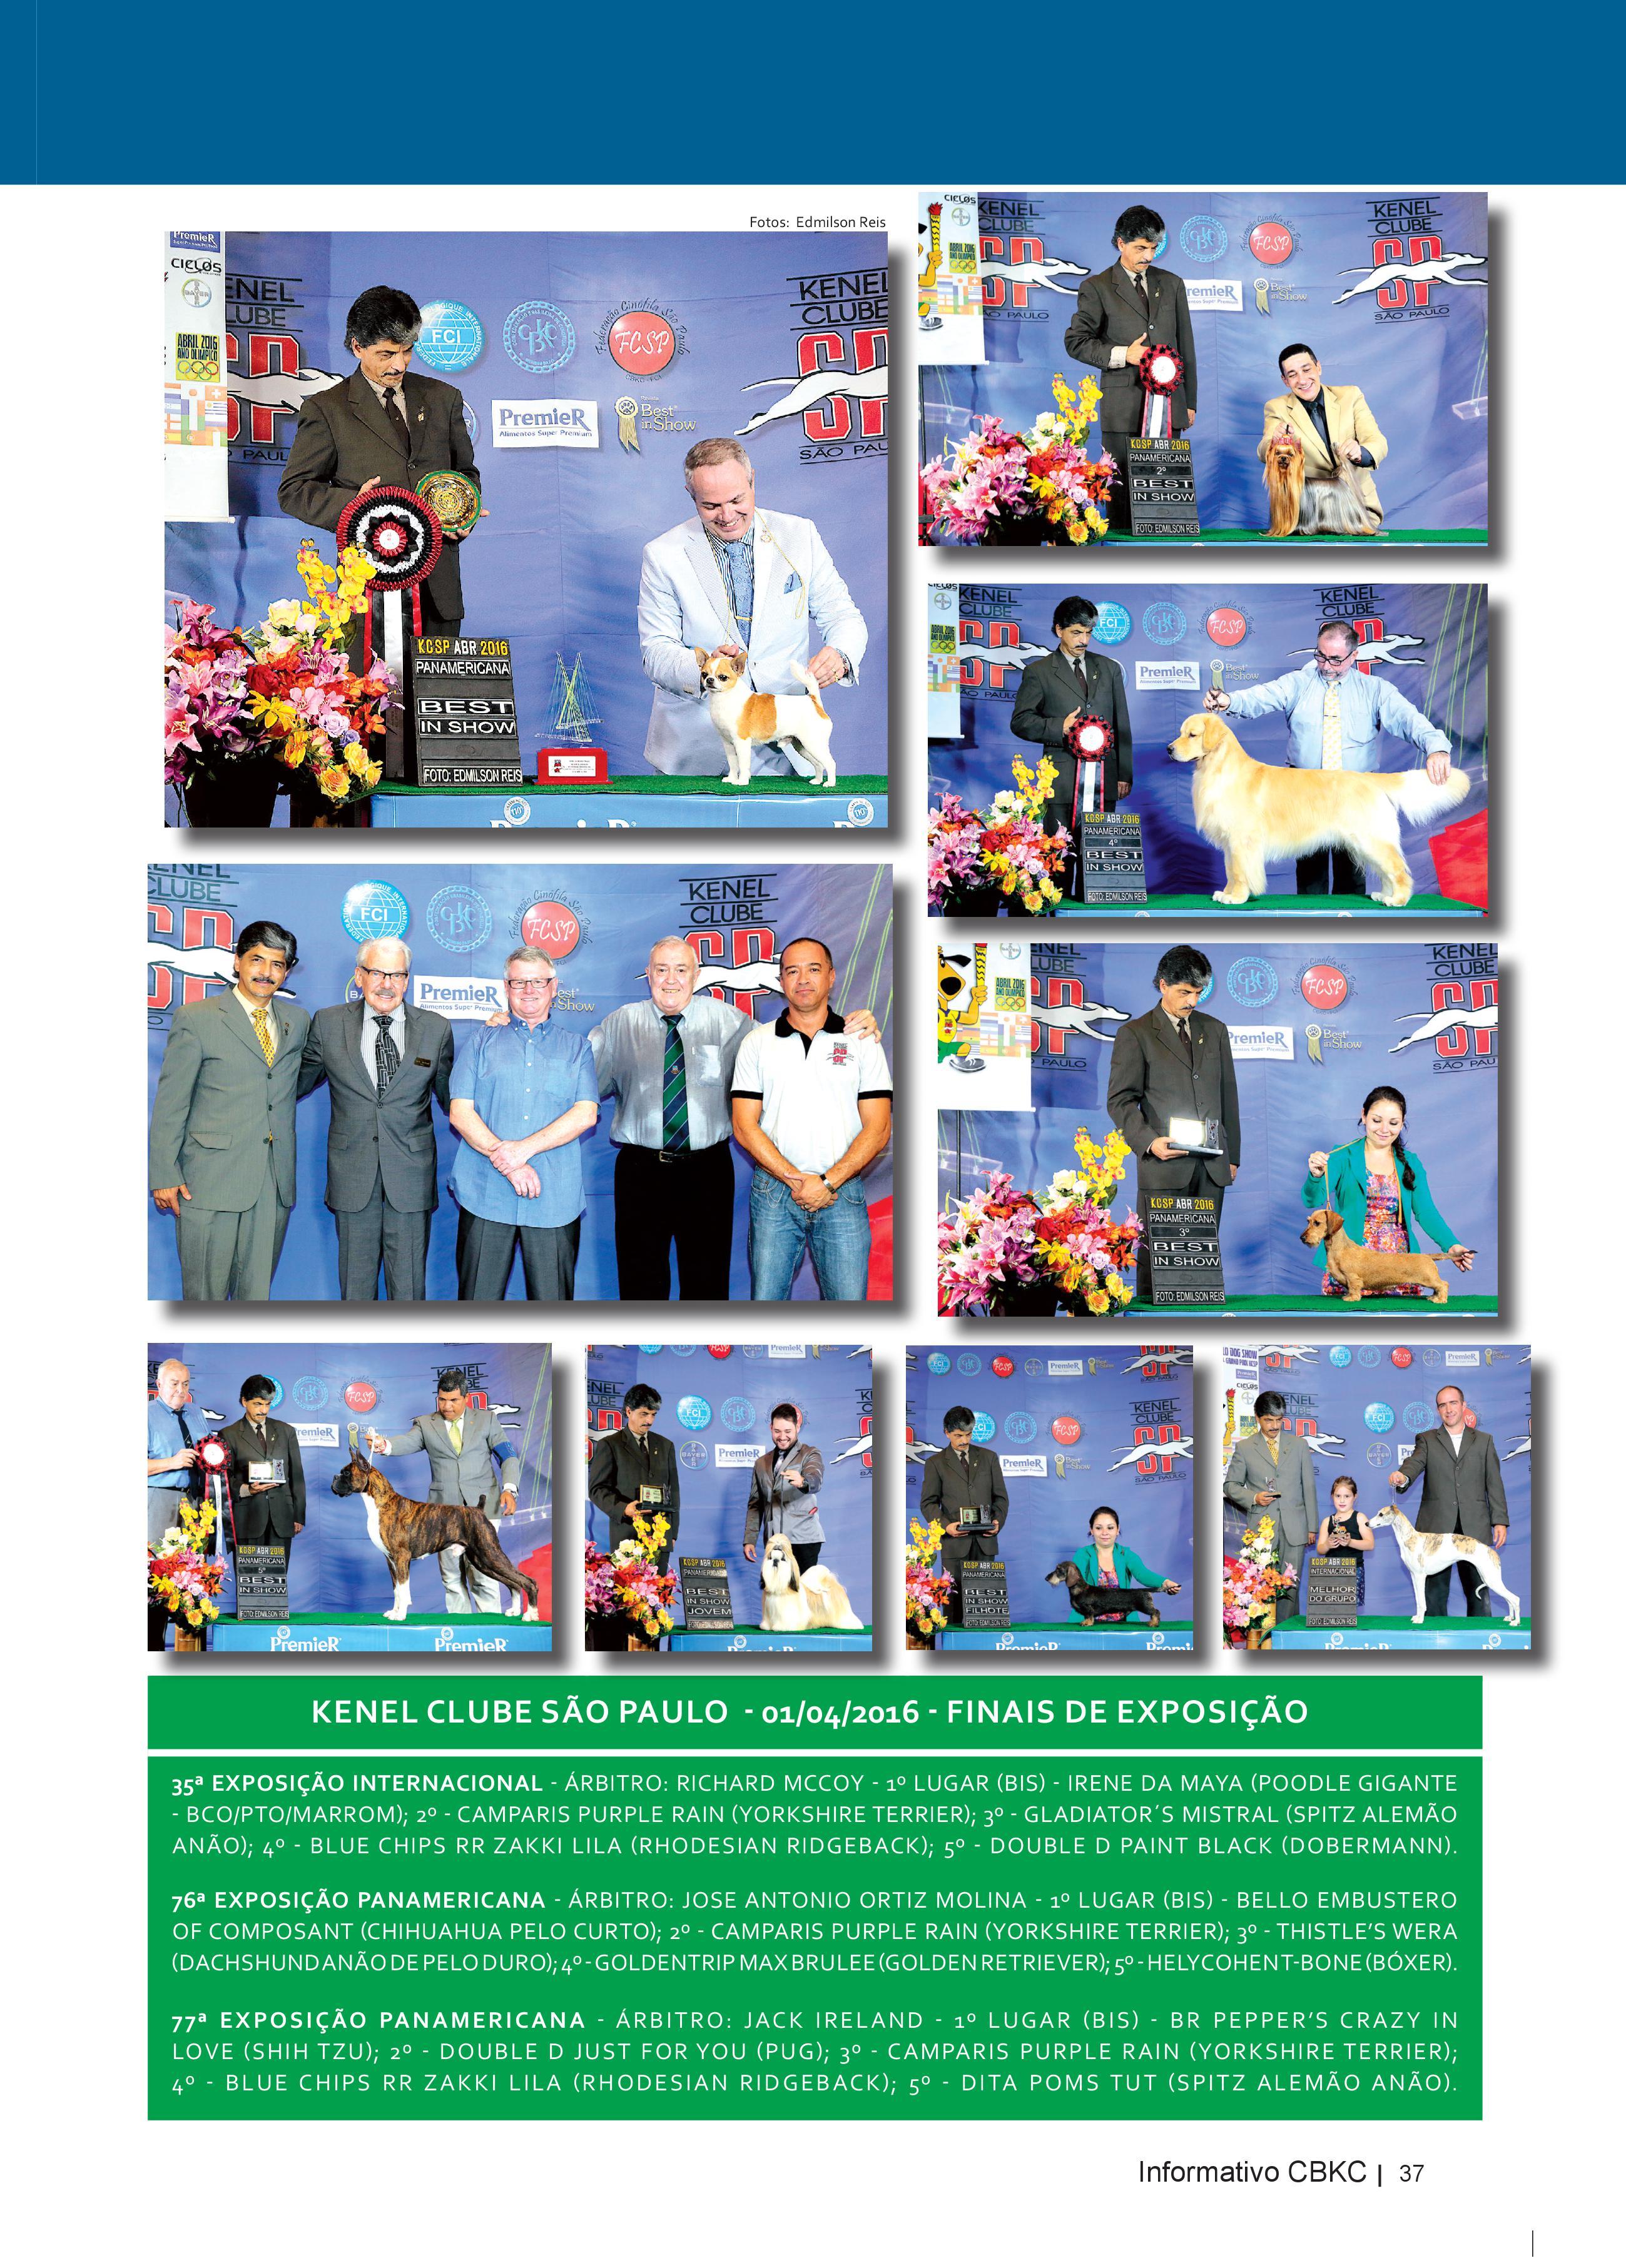 Pagina 37| Edição 52 do Informativo CBKC